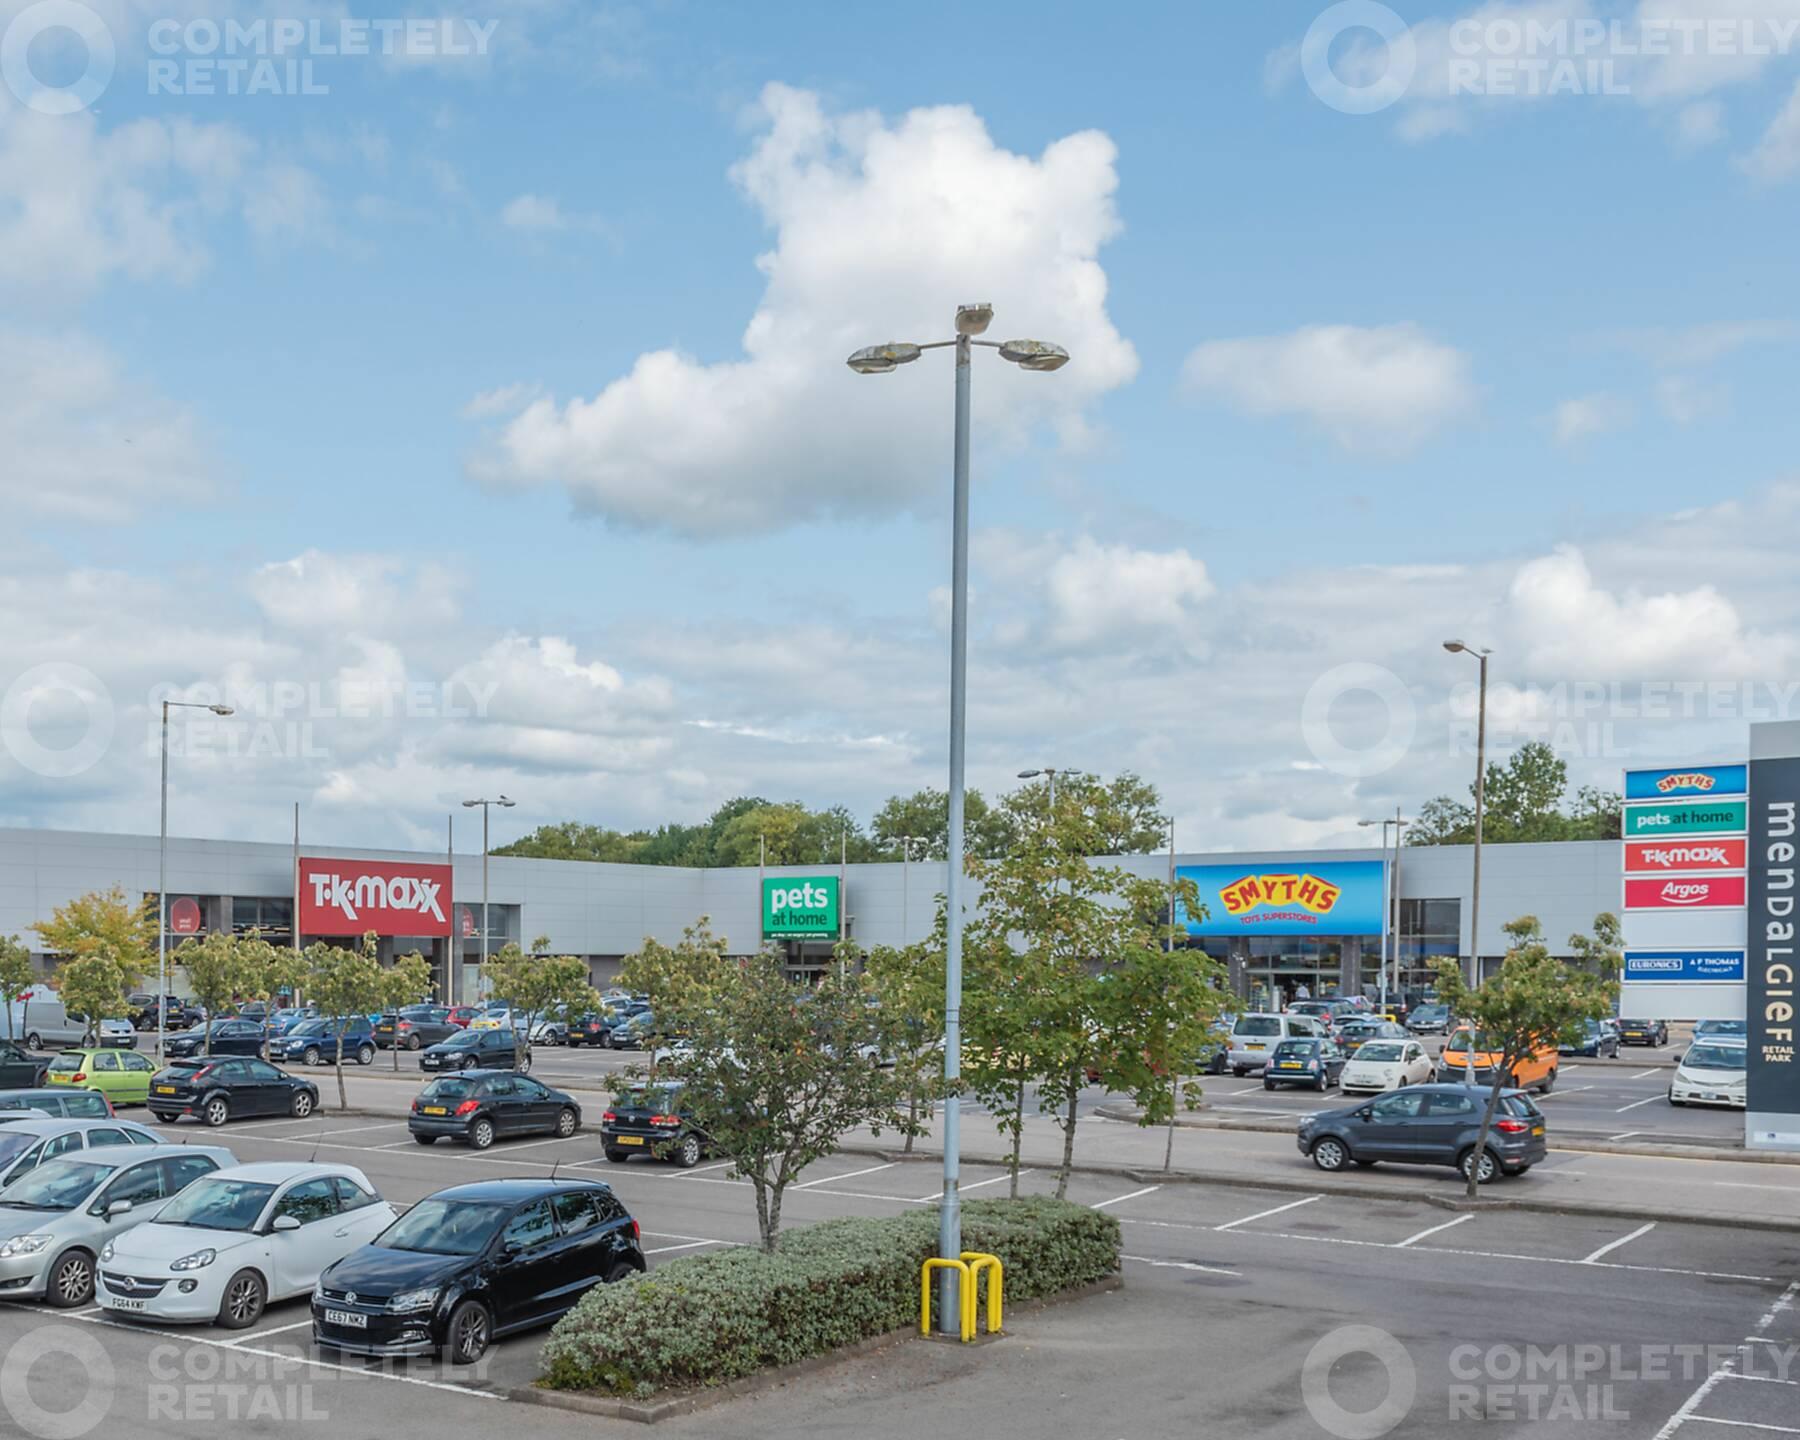 Mendalgief Retail Park